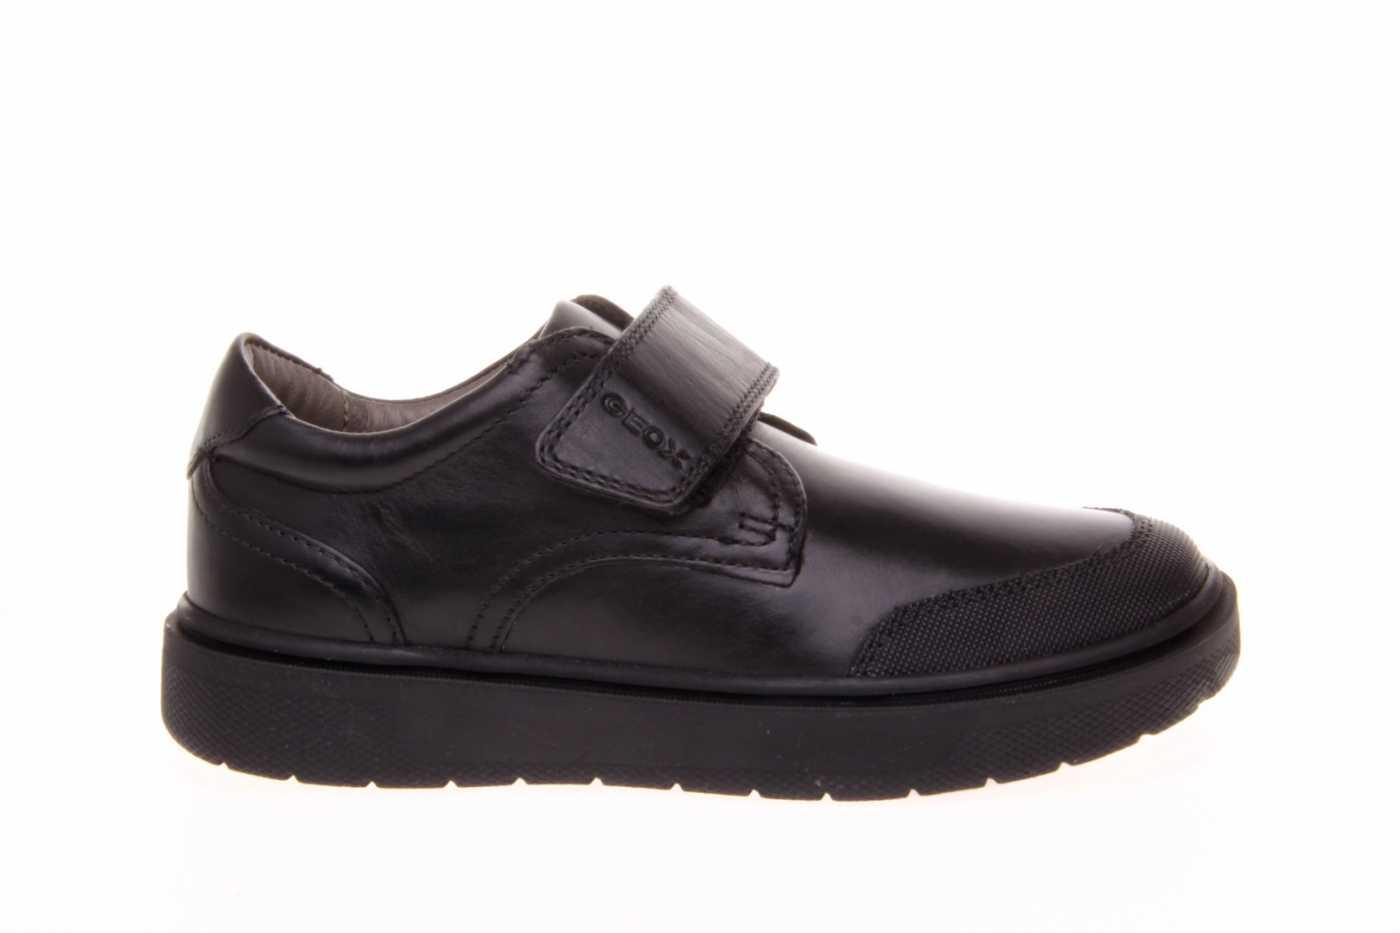 Tropical Auroch orientación  Comprar zapato GEOX para JOVEN NIÑO estilo BLUCHER color NEGRO PIEL